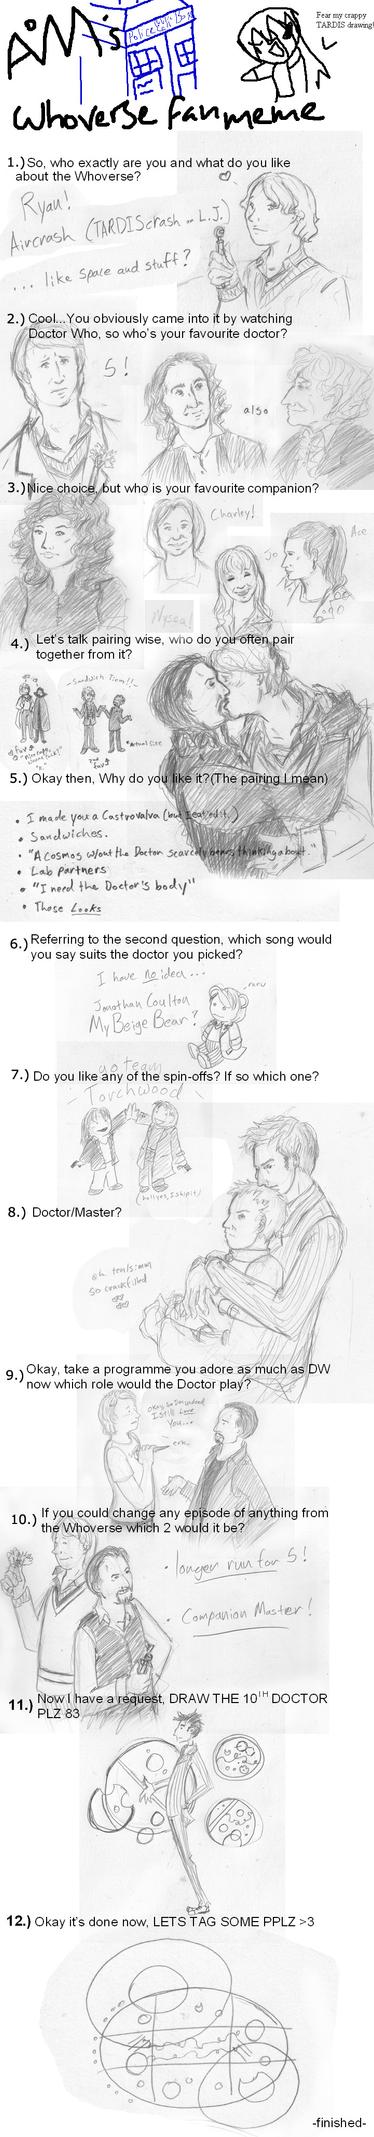 Doctor Who Meme by RainWhitehart